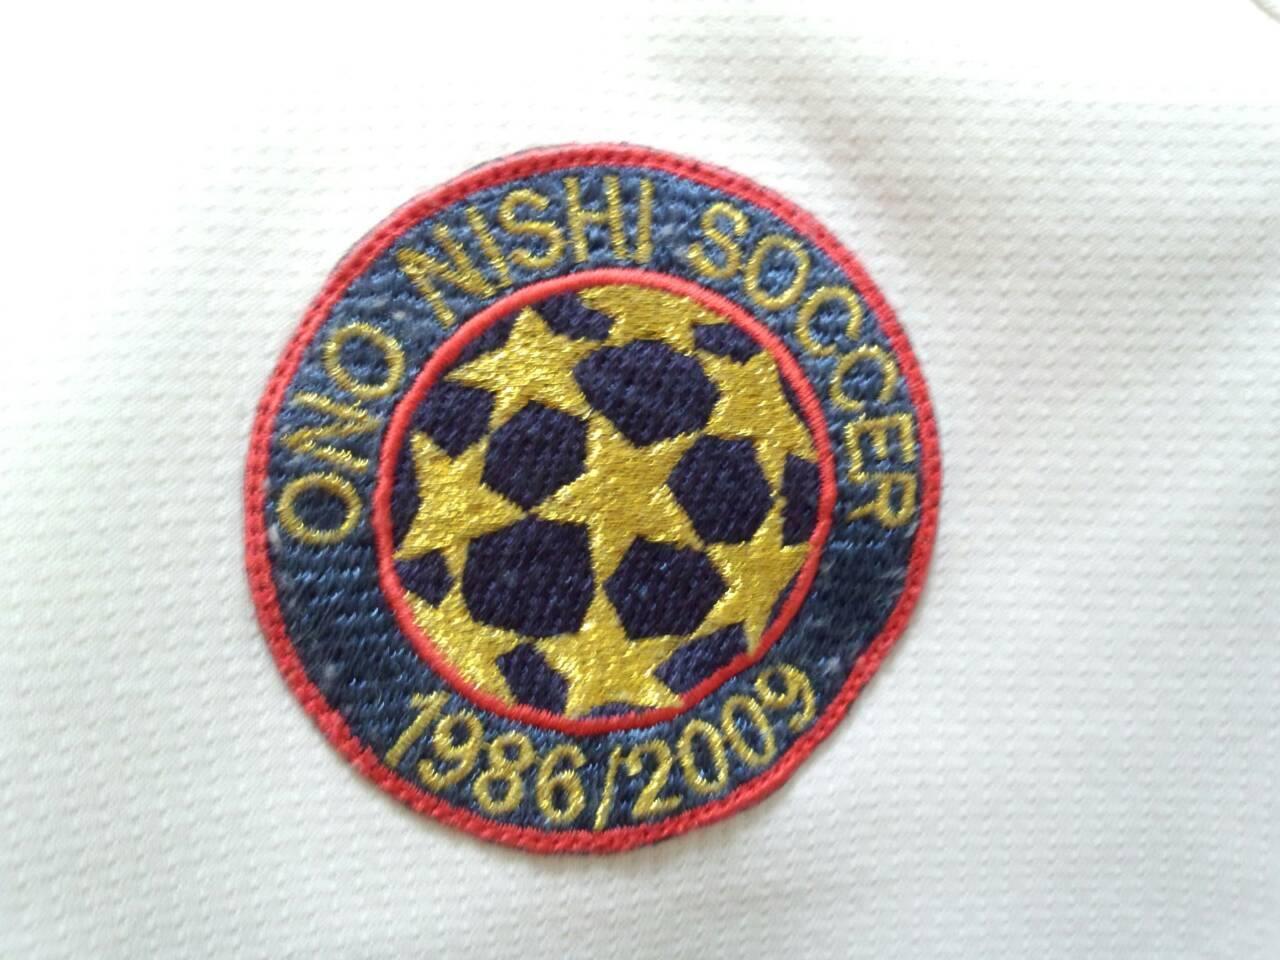 大野西サッカースポーツ少年団